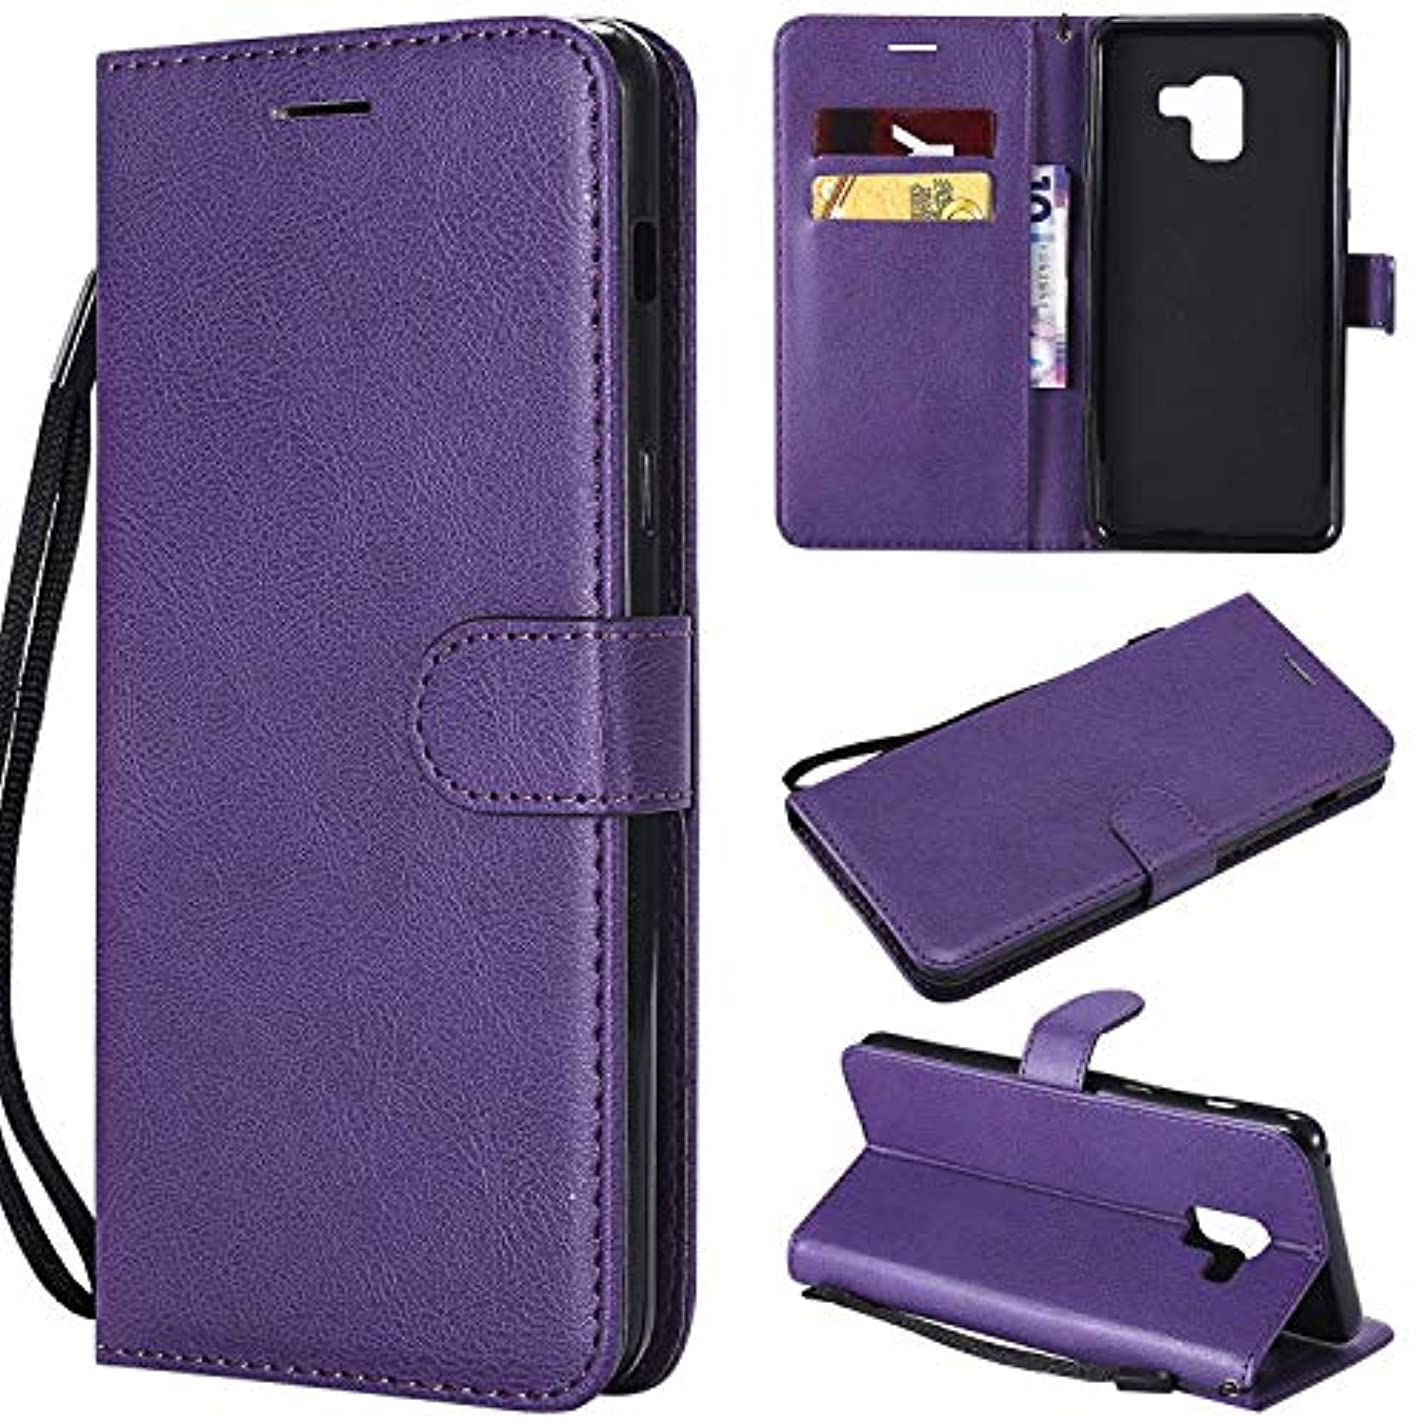 ブロッサムジェット接続されたGalaxy A8 Plus ケース手帳型 OMATENTI レザー 革 薄型 手帳型カバー カード入れ スタンド機能 サムスン Galaxy A8 Plus おしゃれ 手帳ケース (5-パープル)